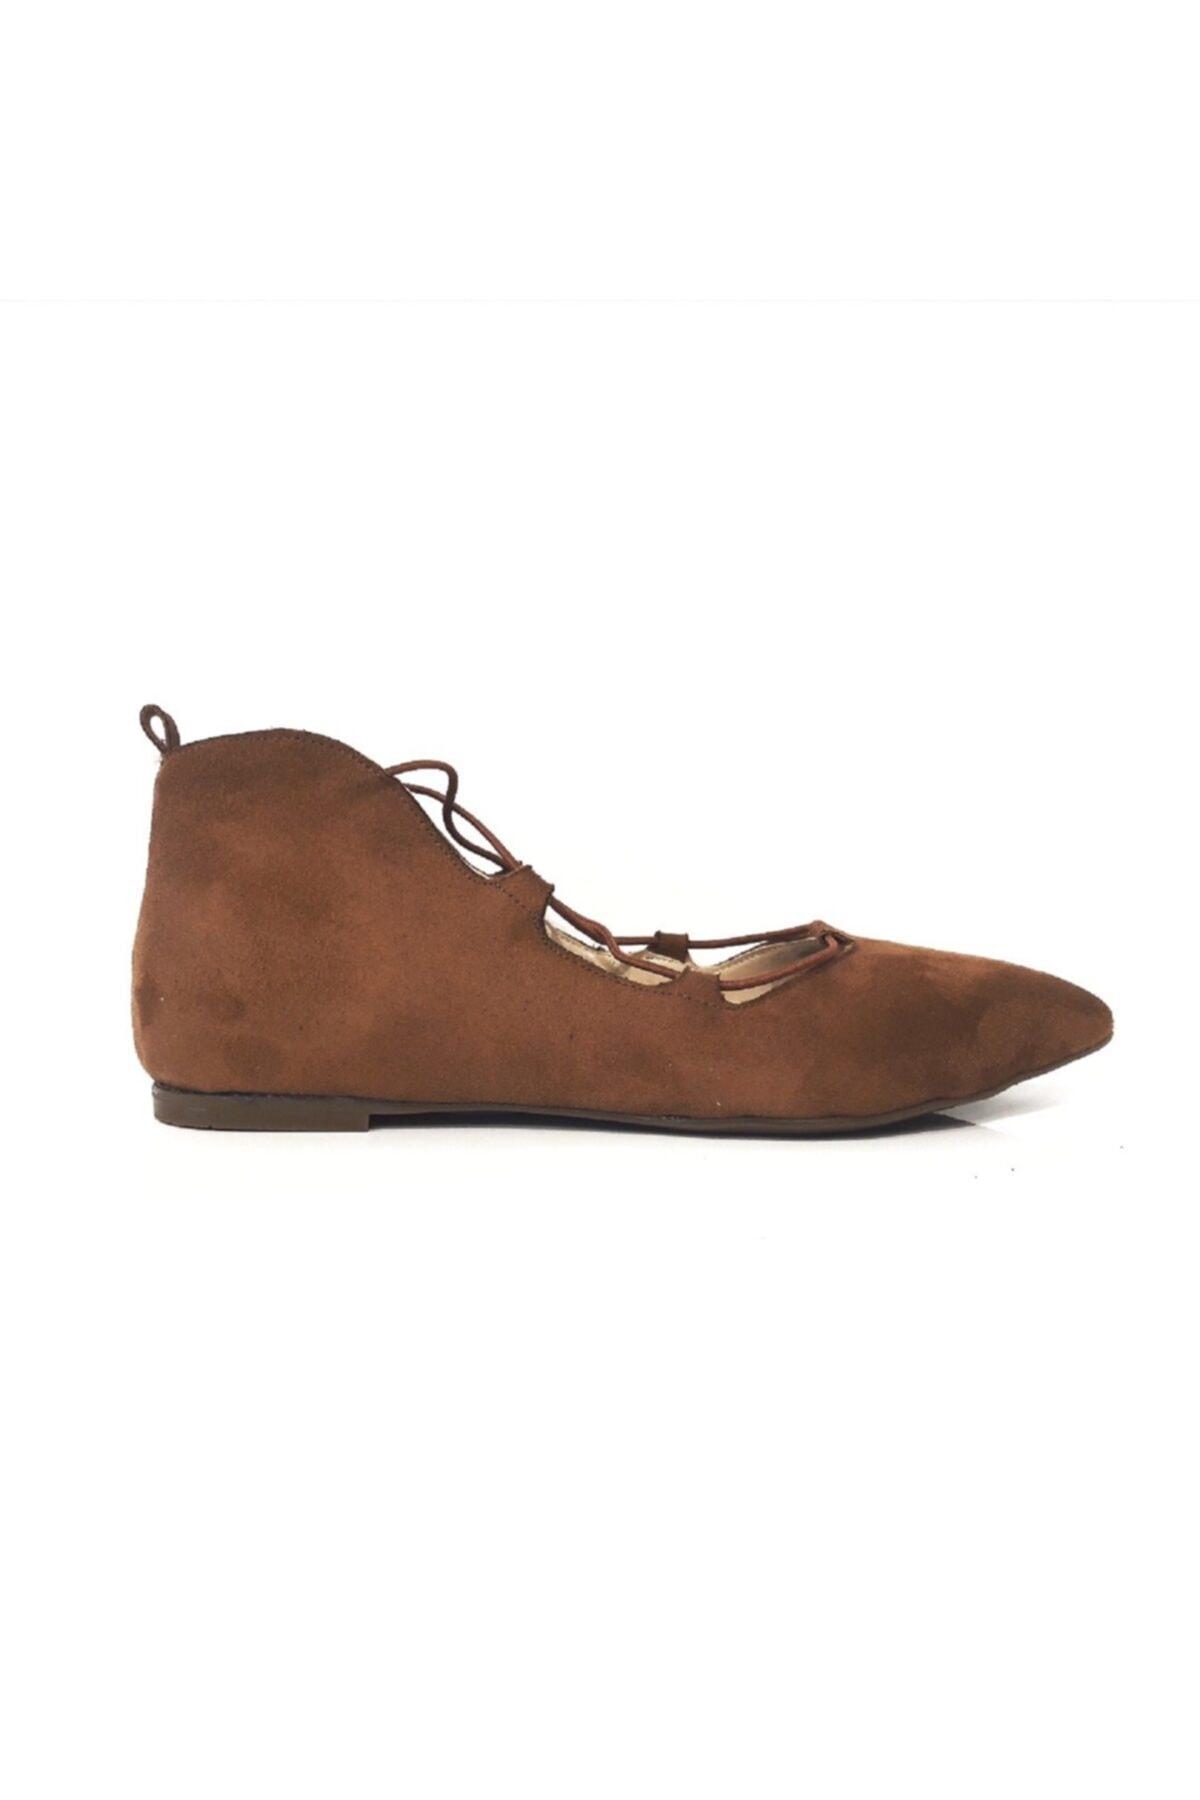 DİVUM Taba Süet Ayakkabı 1